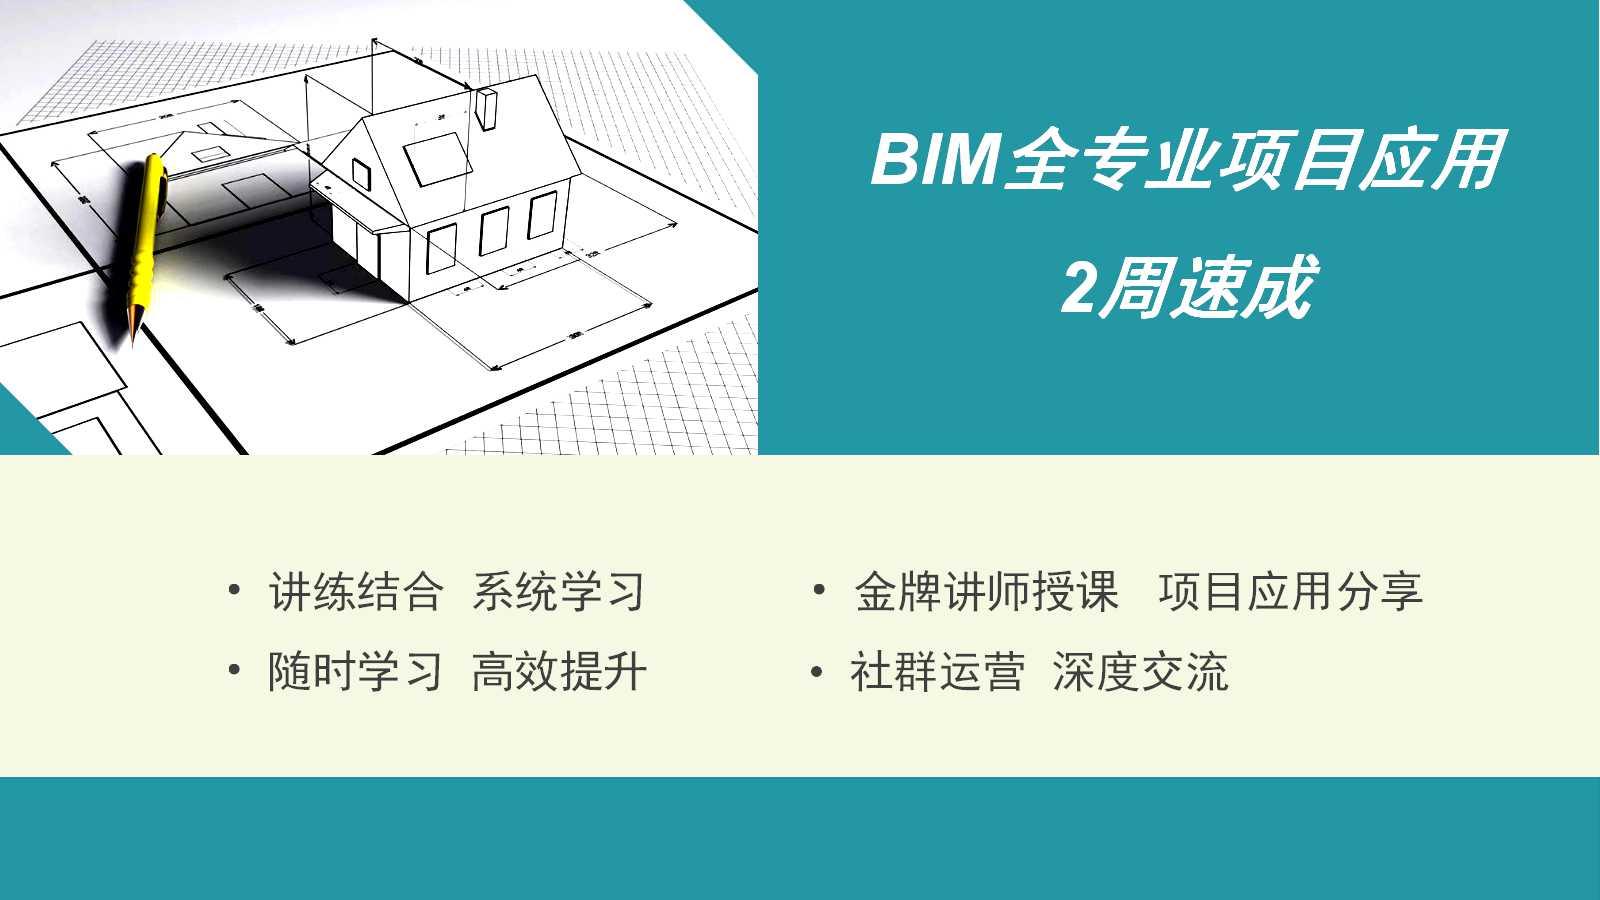 BIM全专业项目应用2周速成